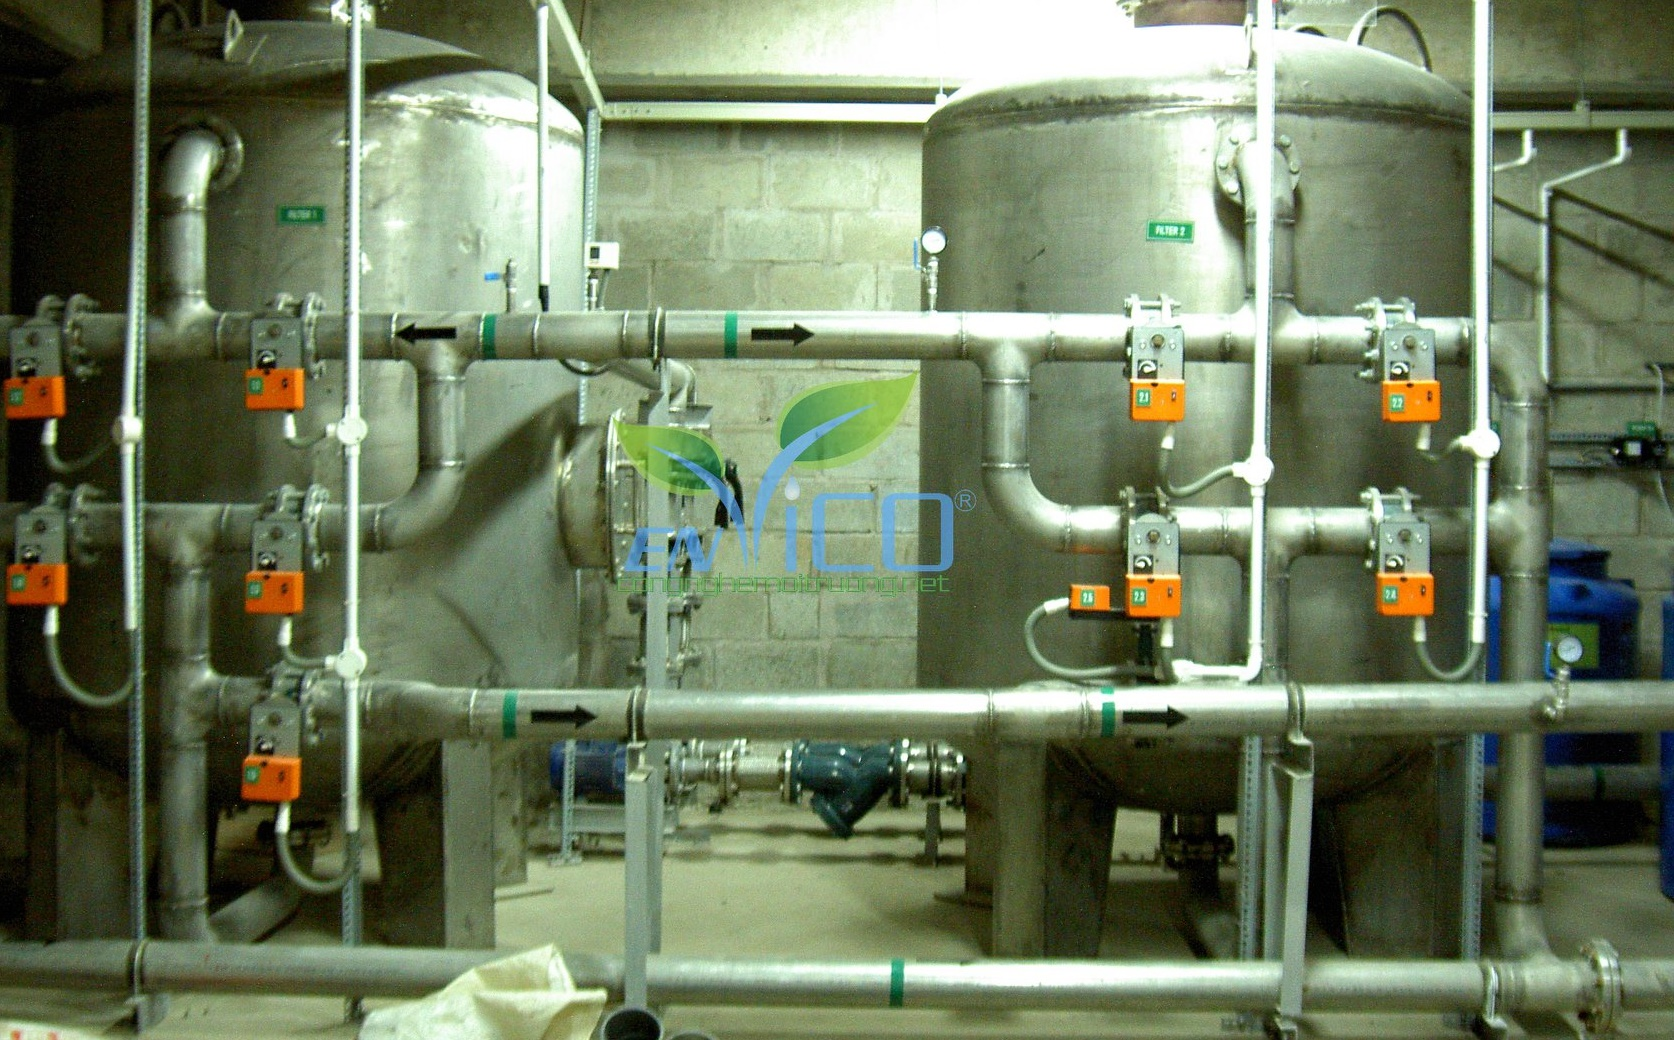 Cung cấp hóa chất thiết bị xử lý nước